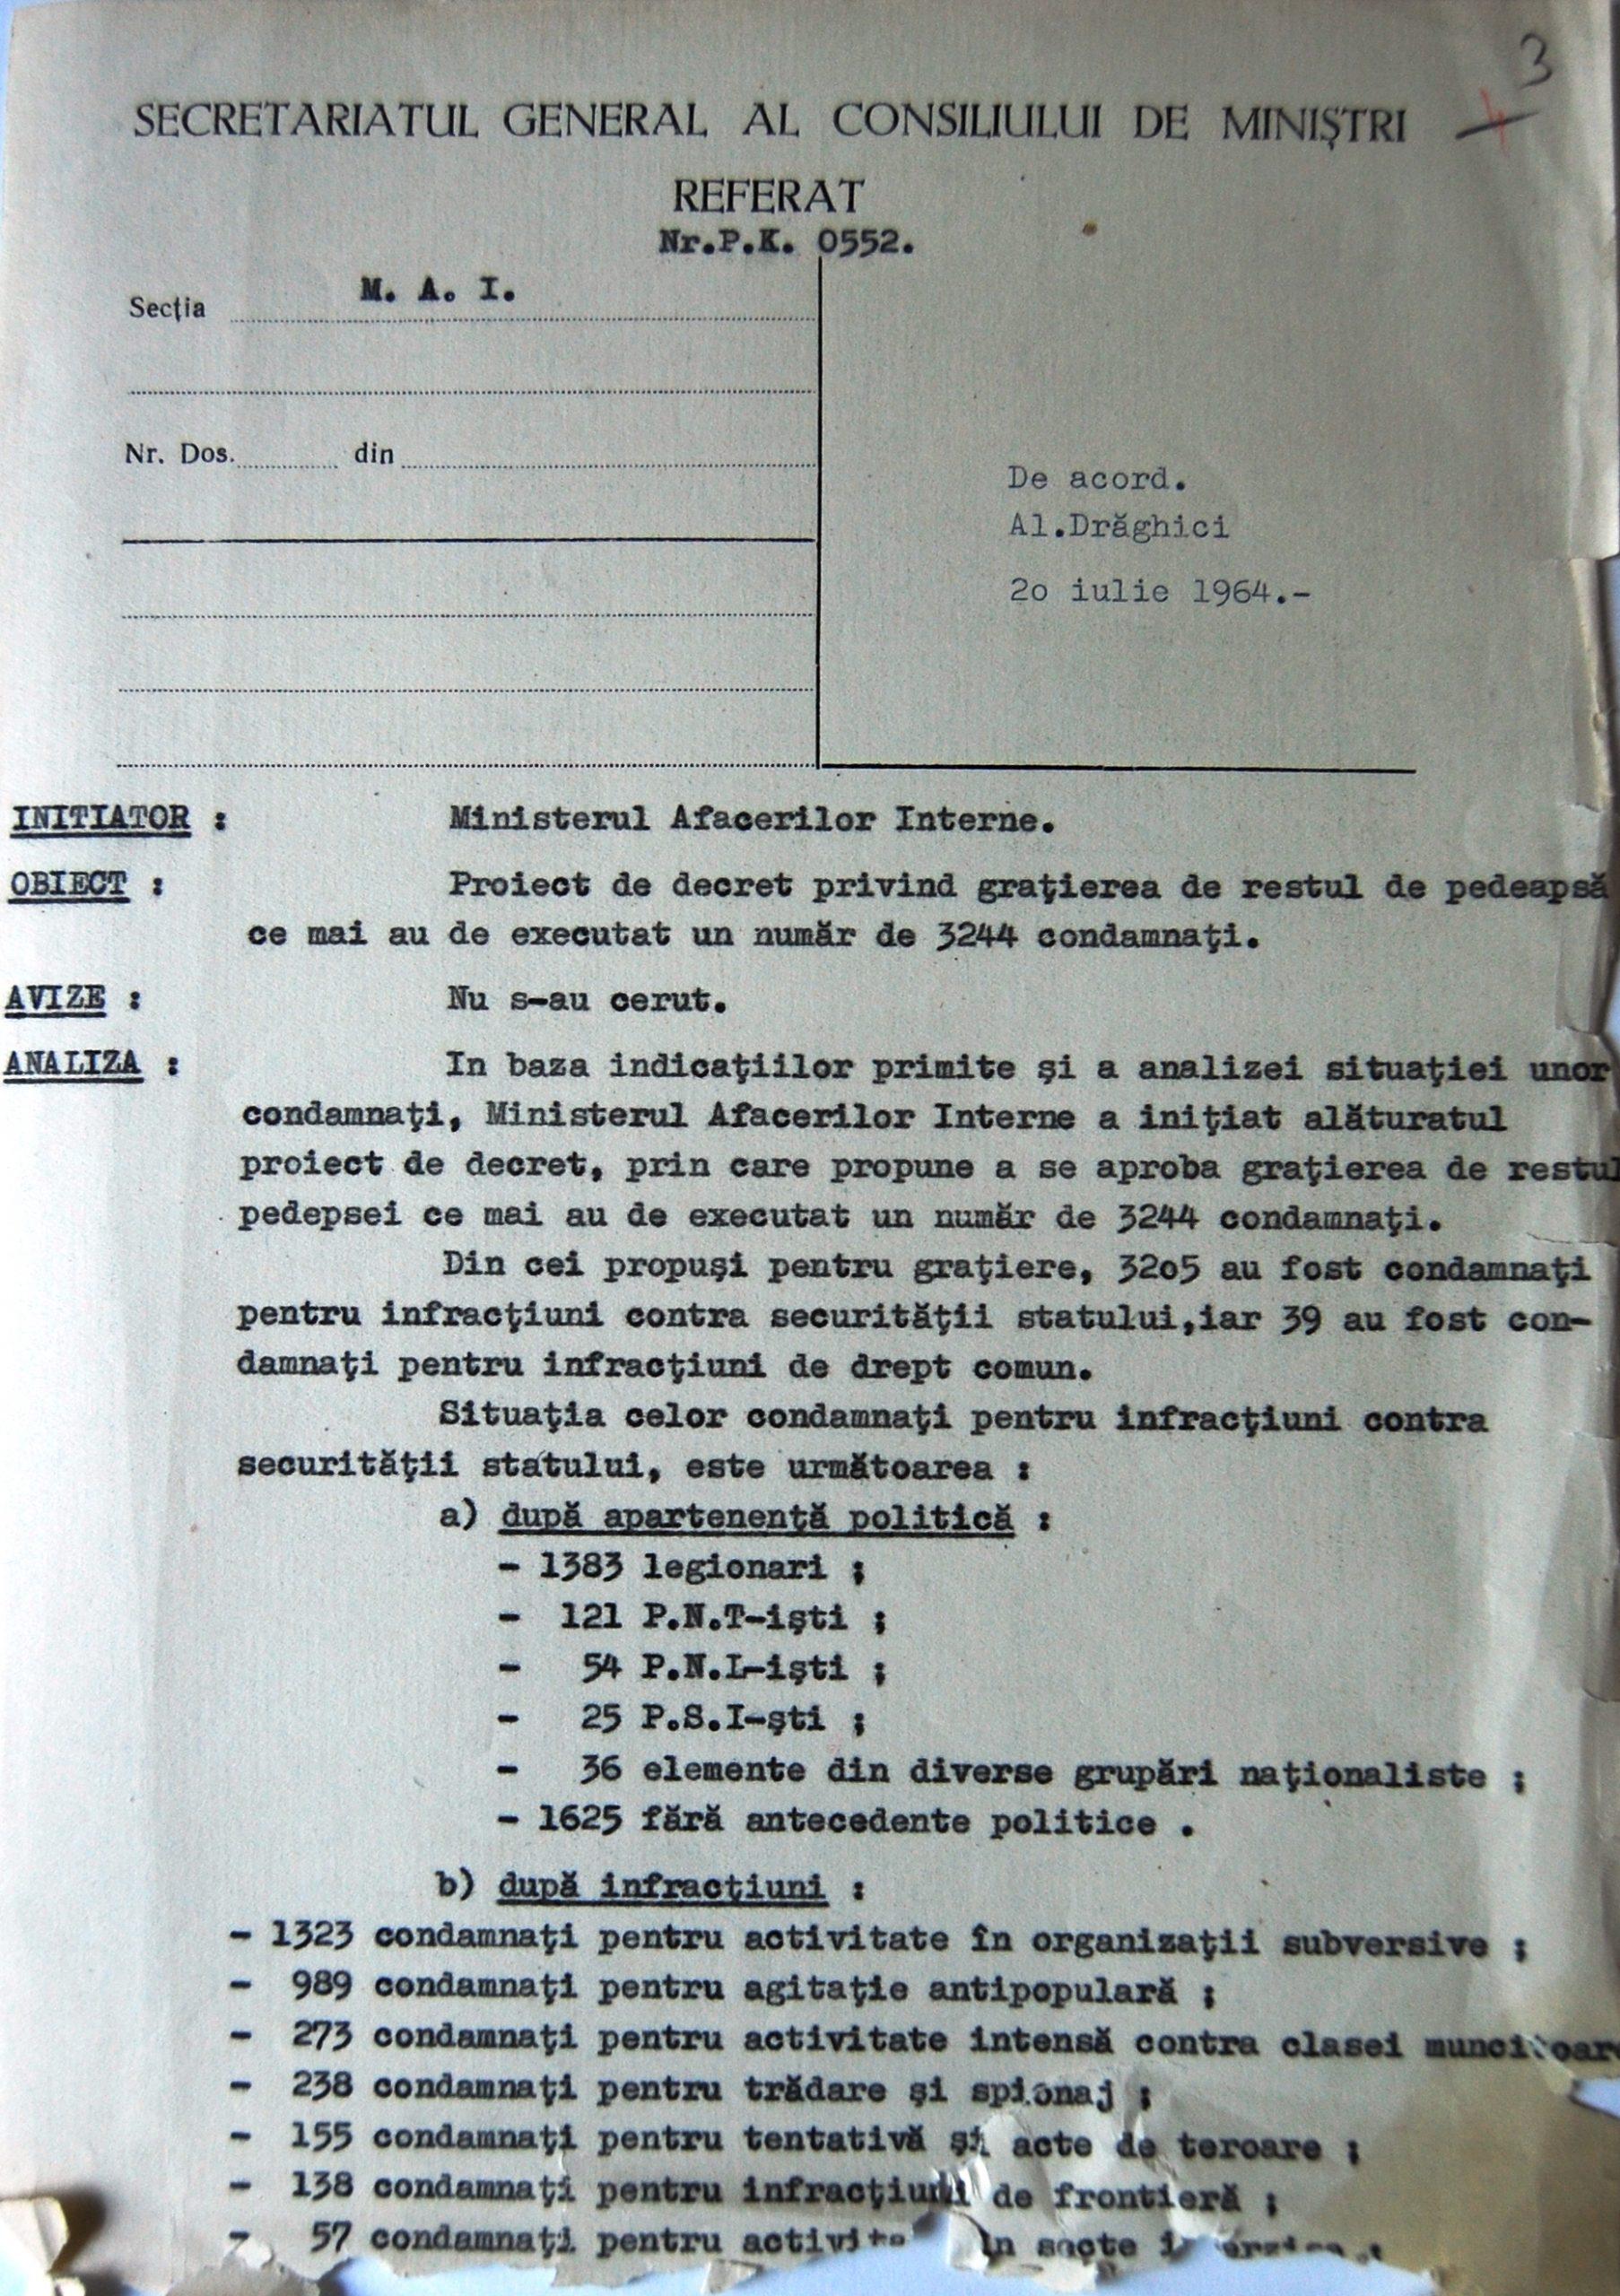 Decret epntru eliberarea deținuților politici din 1964. Sursa: Arhivele Naționale. Cercetător: Victor Dogaru